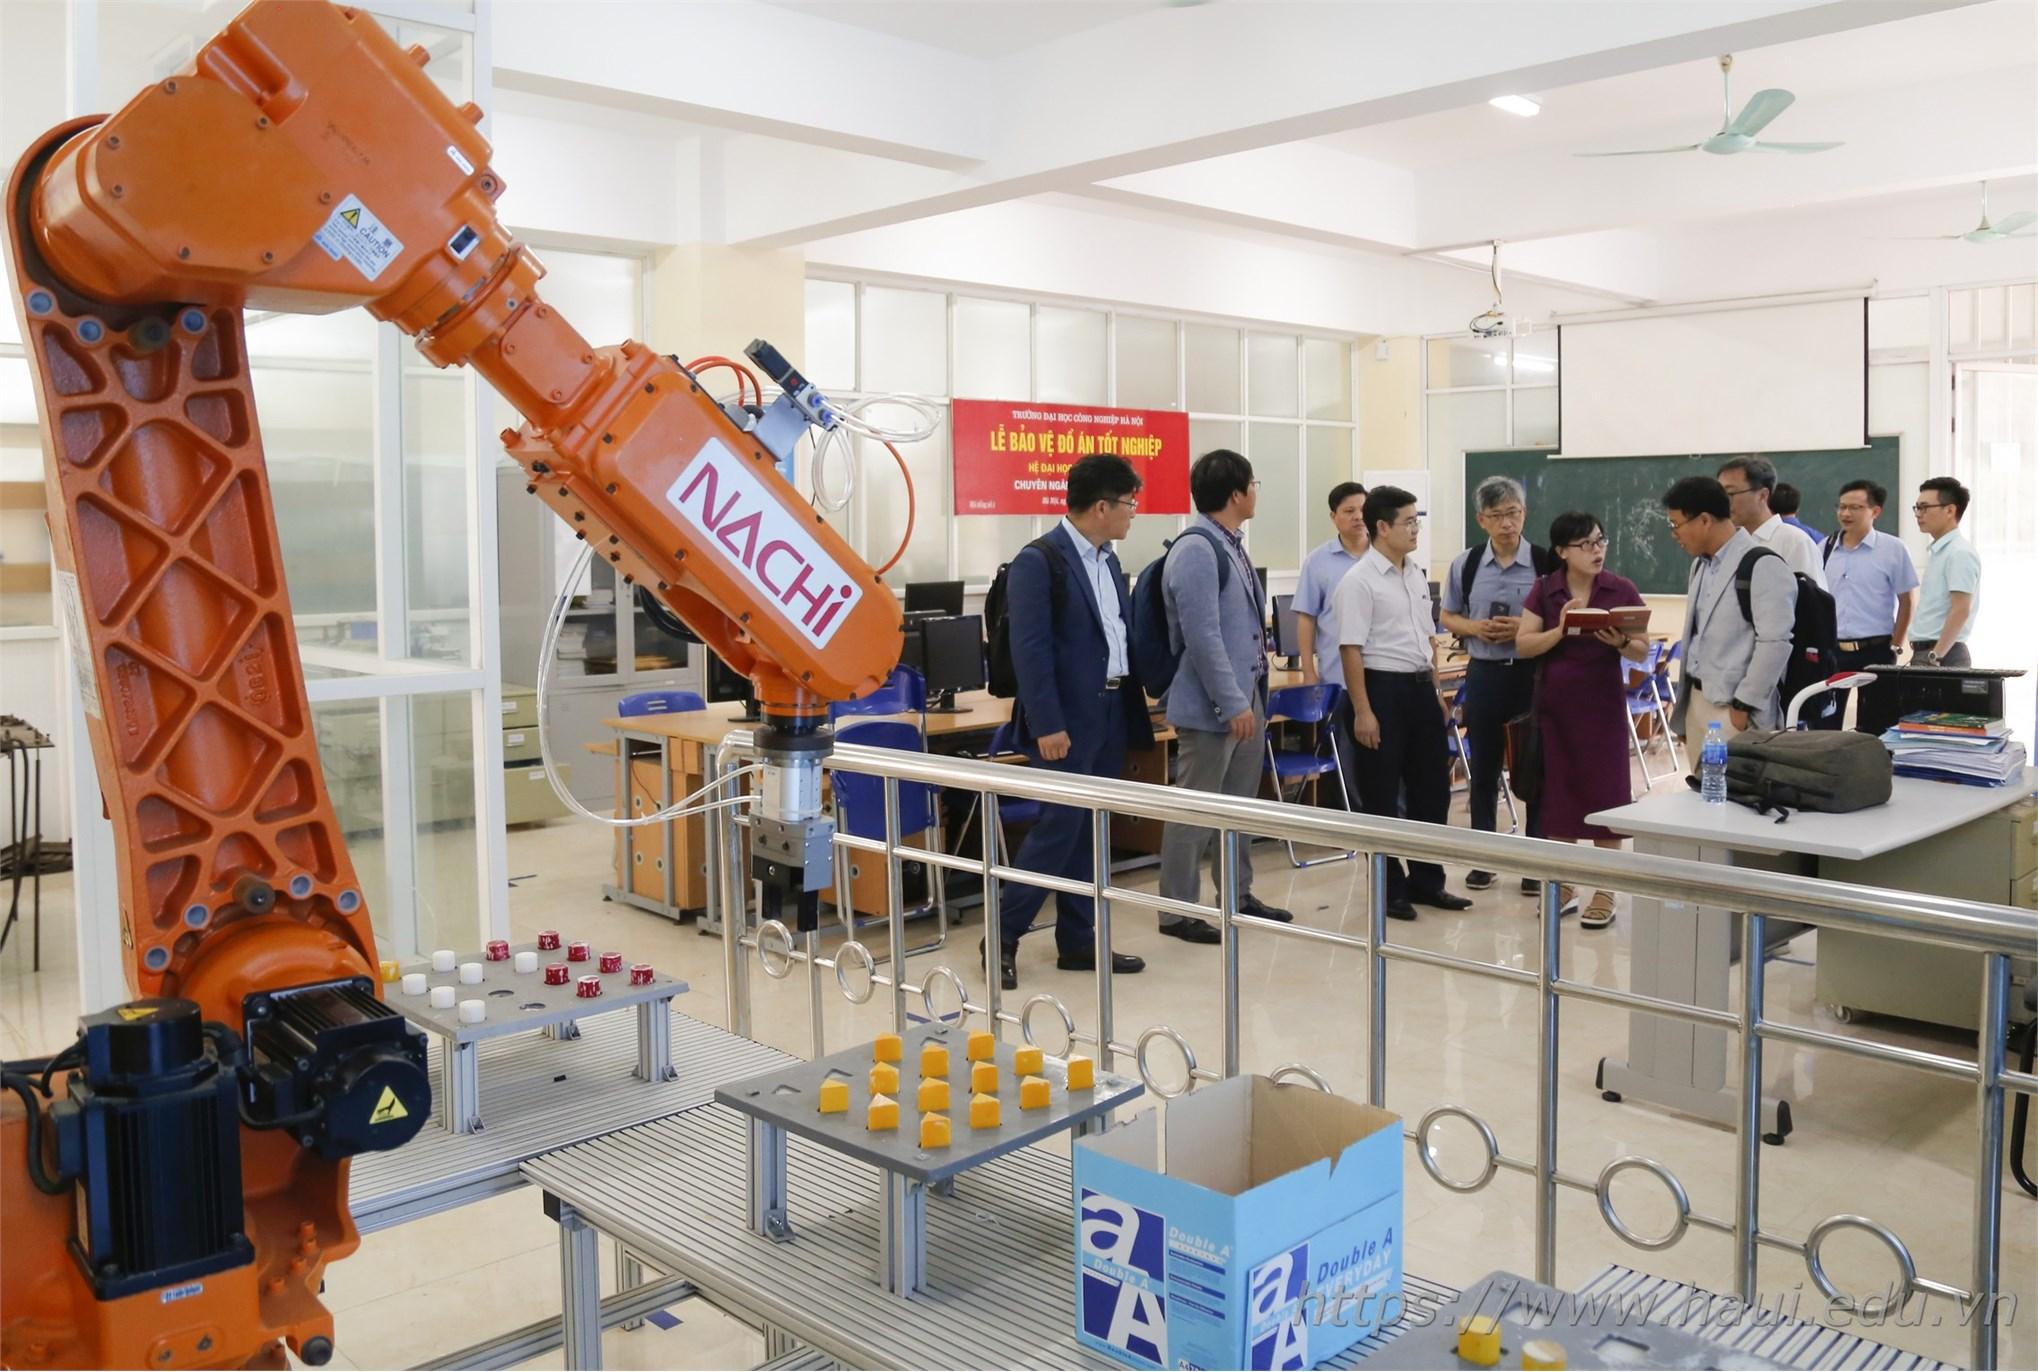 Trường Đại học Công nghiệp Hà Nội làm việc với Cục Công nghiệp - Bộ Công Thương, Viện KIAT - Hàn Quốc về Dự án thành lập Trung tâm VITASK